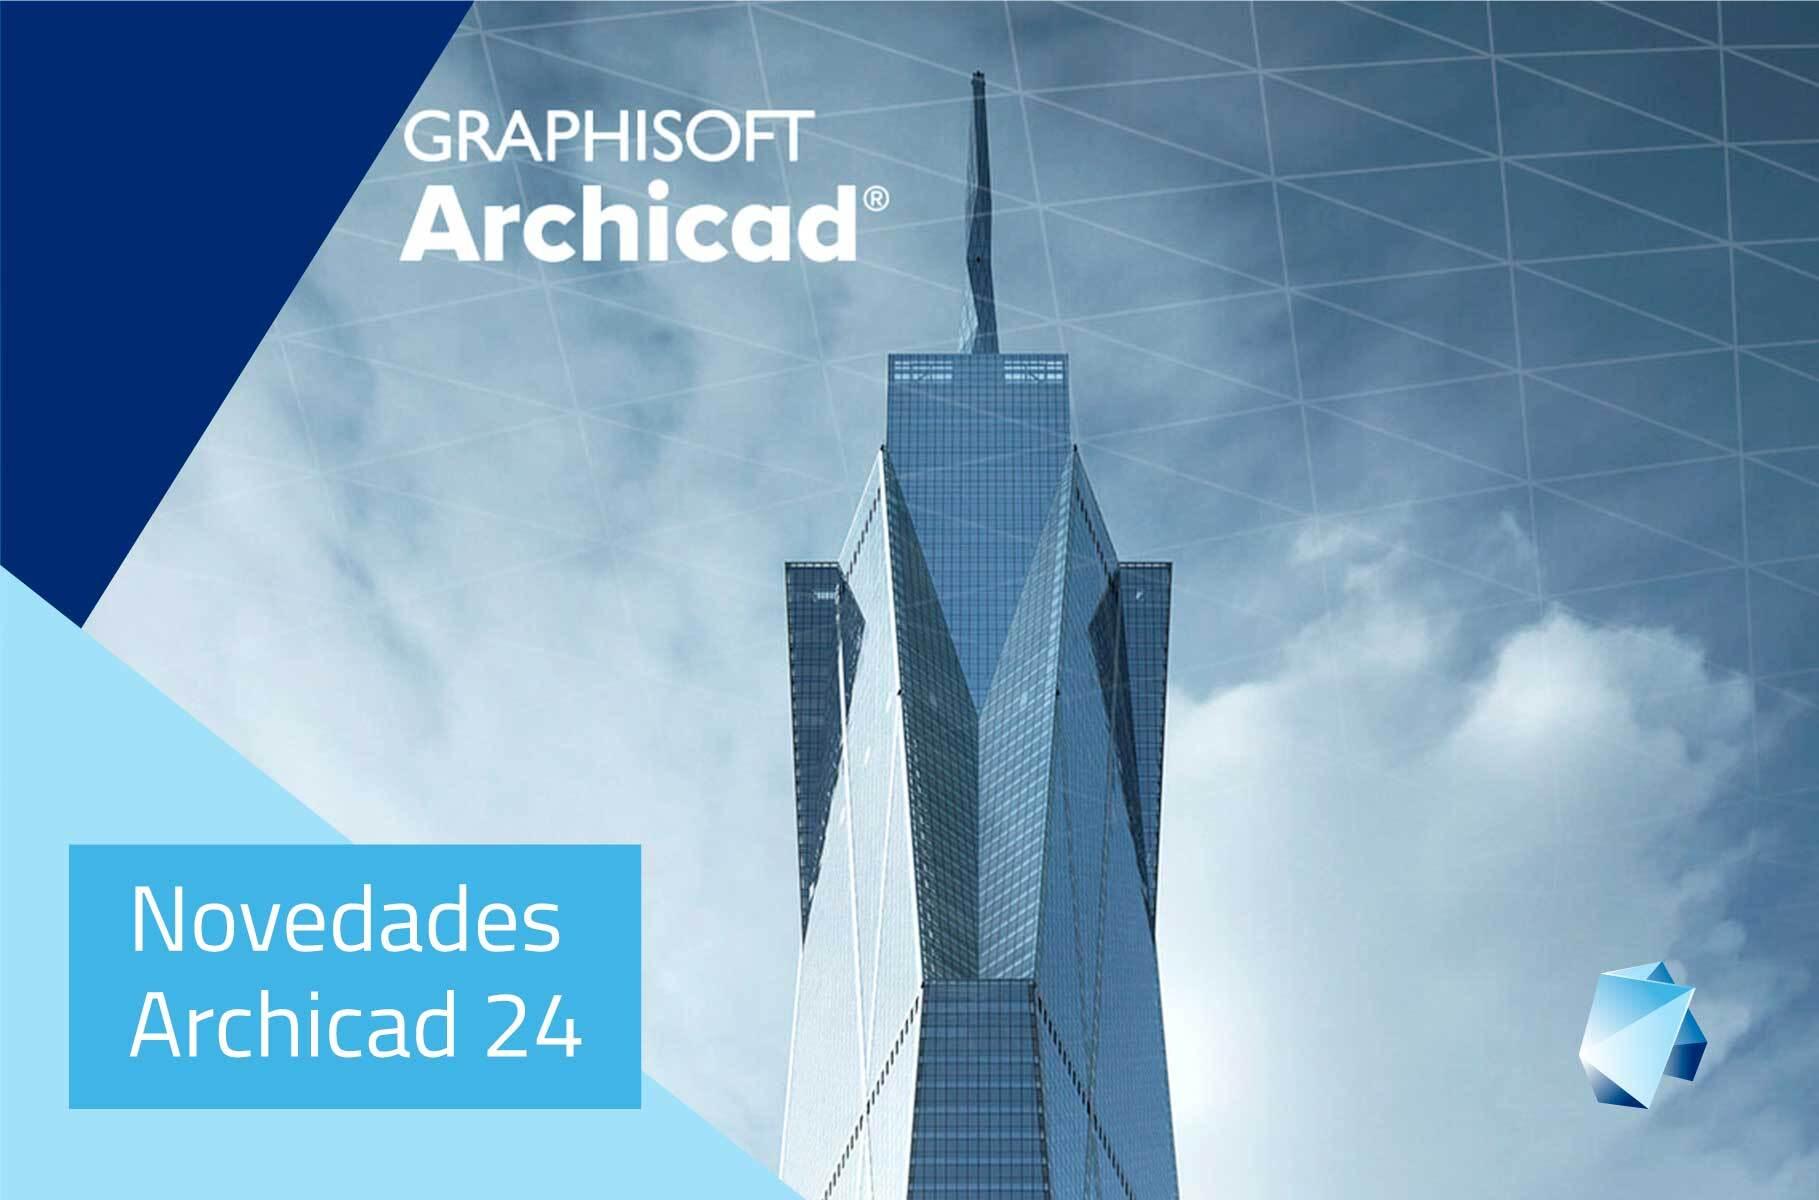 Post-Novedades-Archicad-24